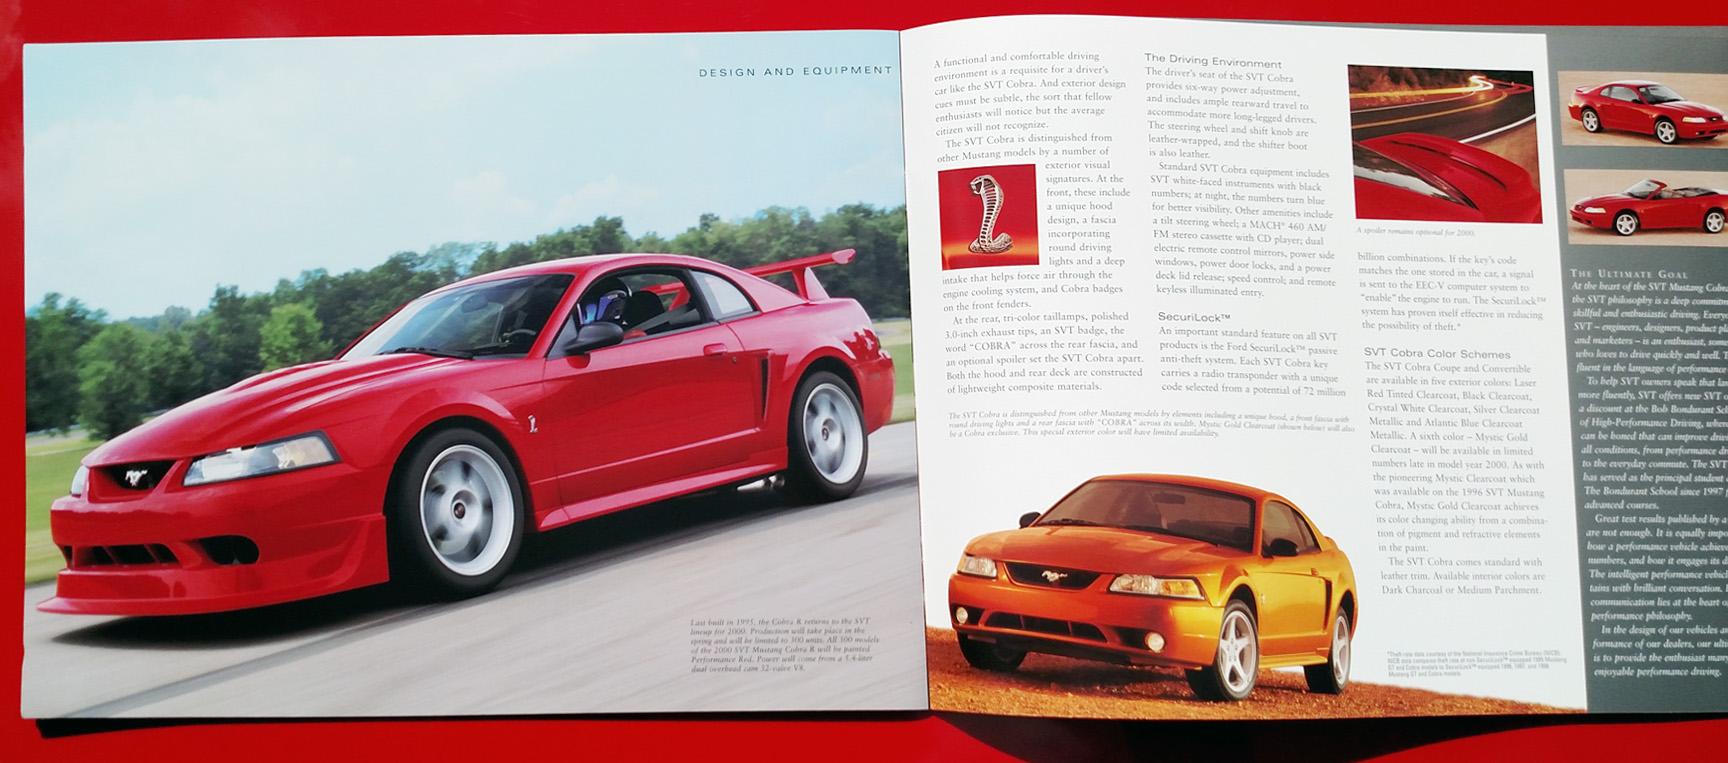 2000-cobra-brochure4.jpg